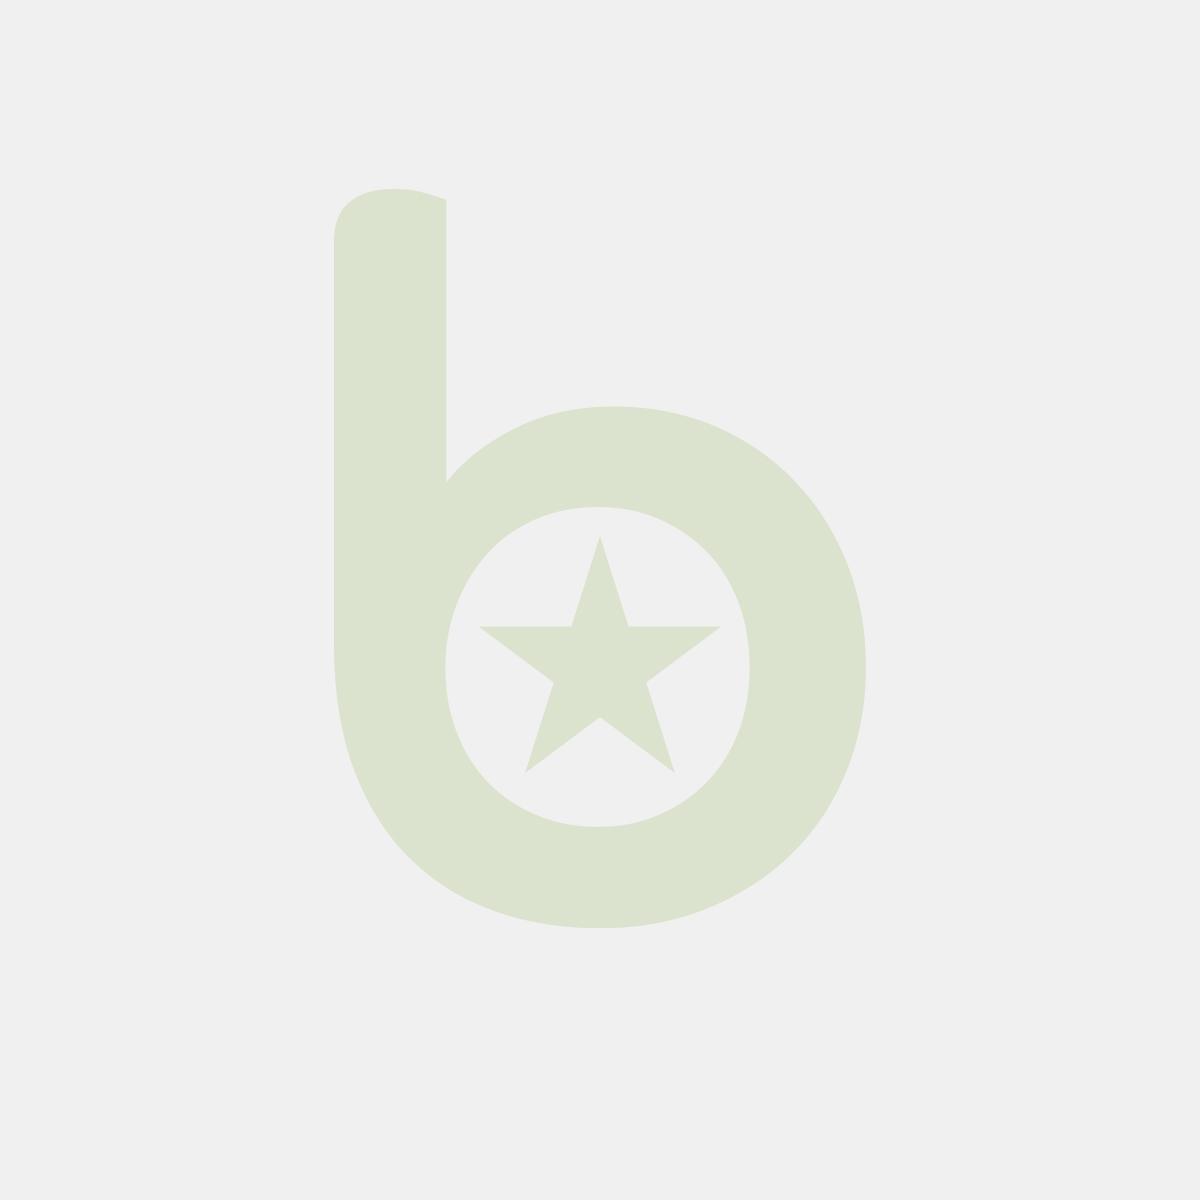 Talerzyk FINGERFOOD biały , PS, 6,5/6,5 cm, 25szt. w opakowaniu